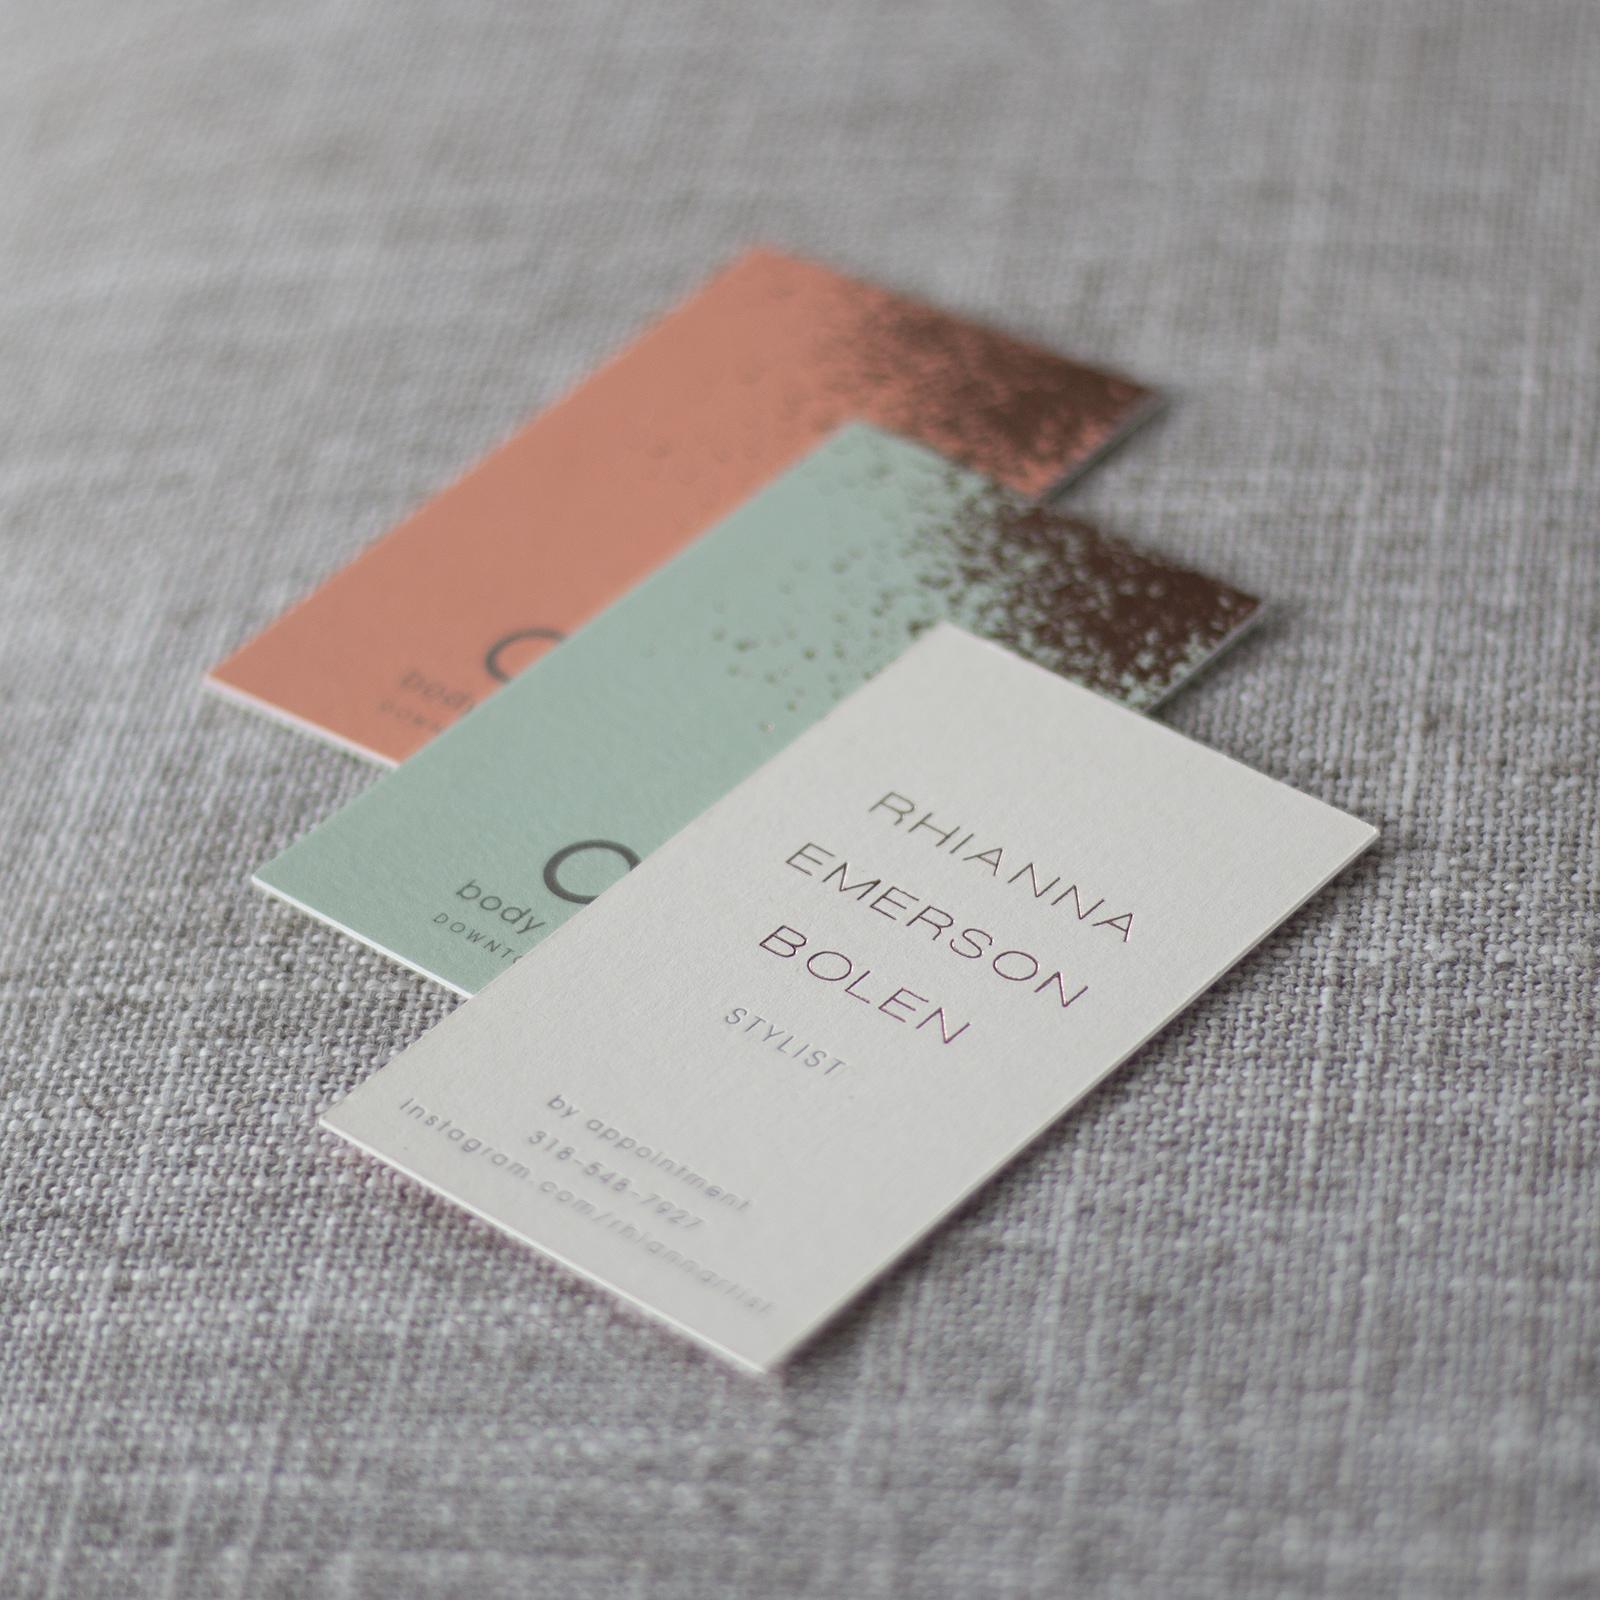 letterpress foil stamped business card design foil stamping